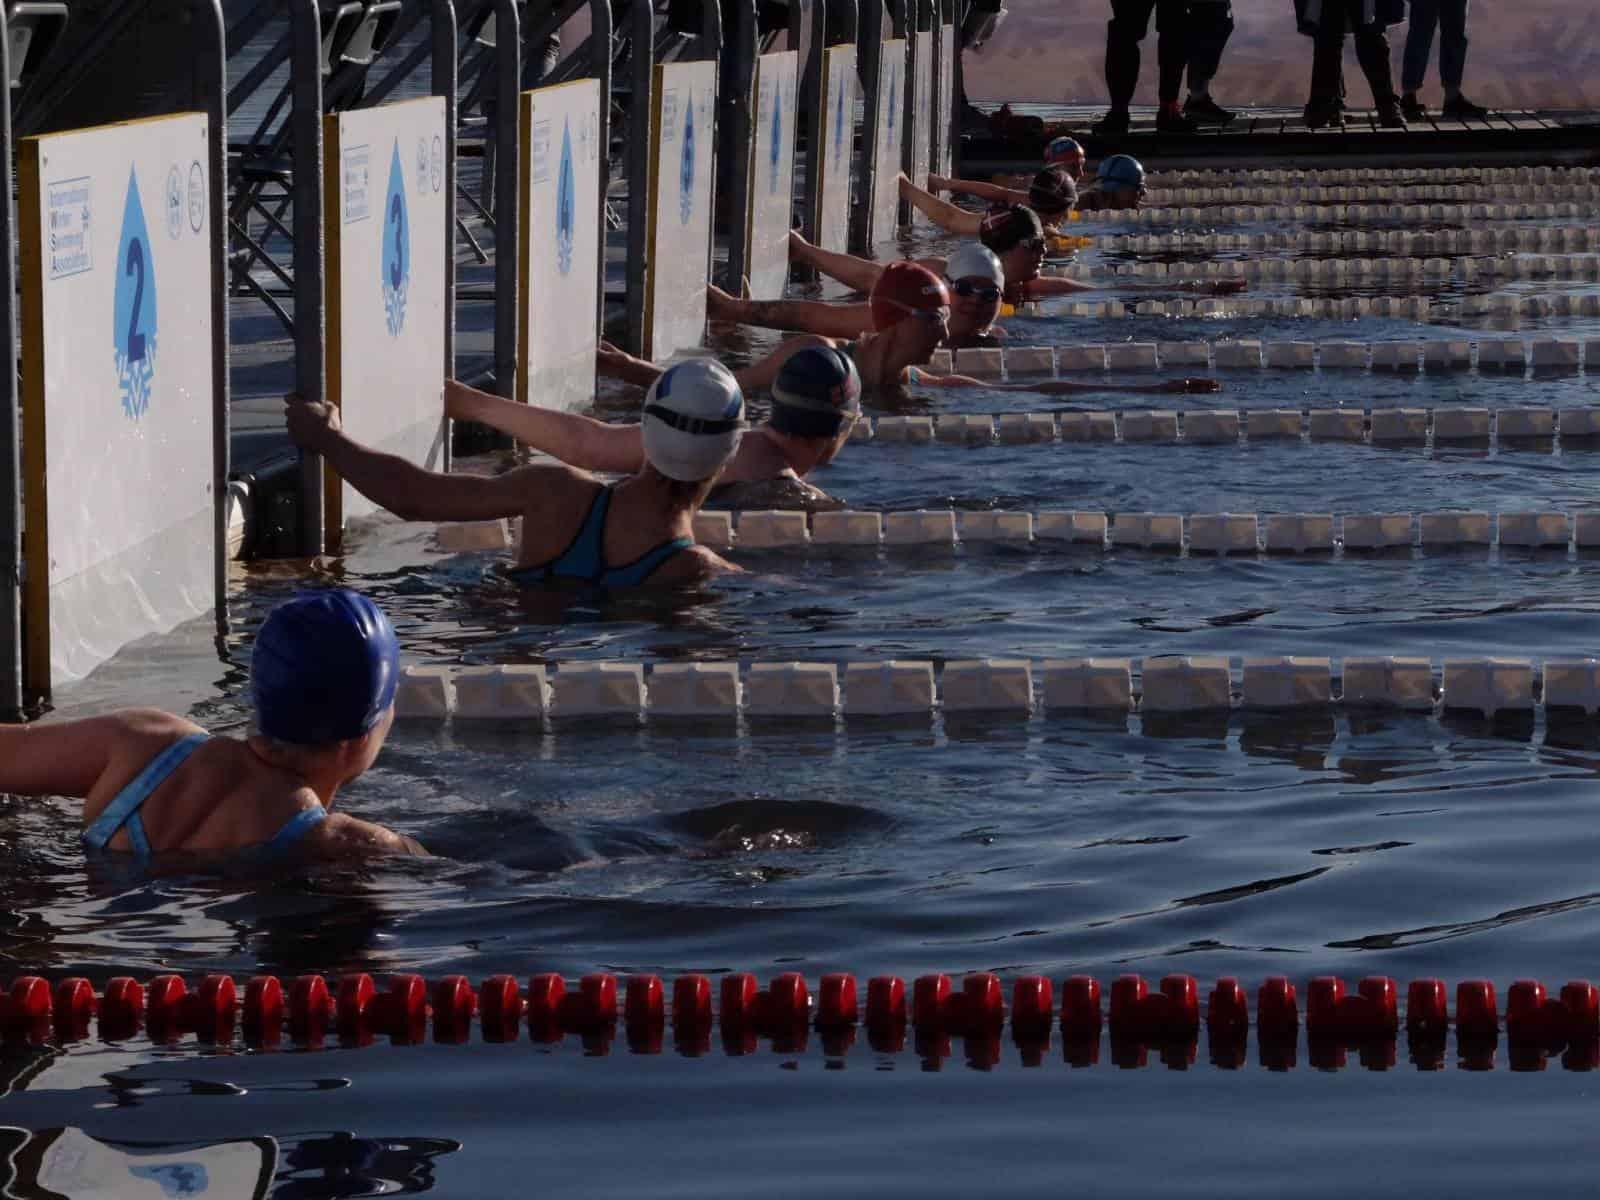 Bei der Winterschwimm-WM in Slowenien geht es über Strecken von 25 bis 1.000 Meter ins kalte Wasser.